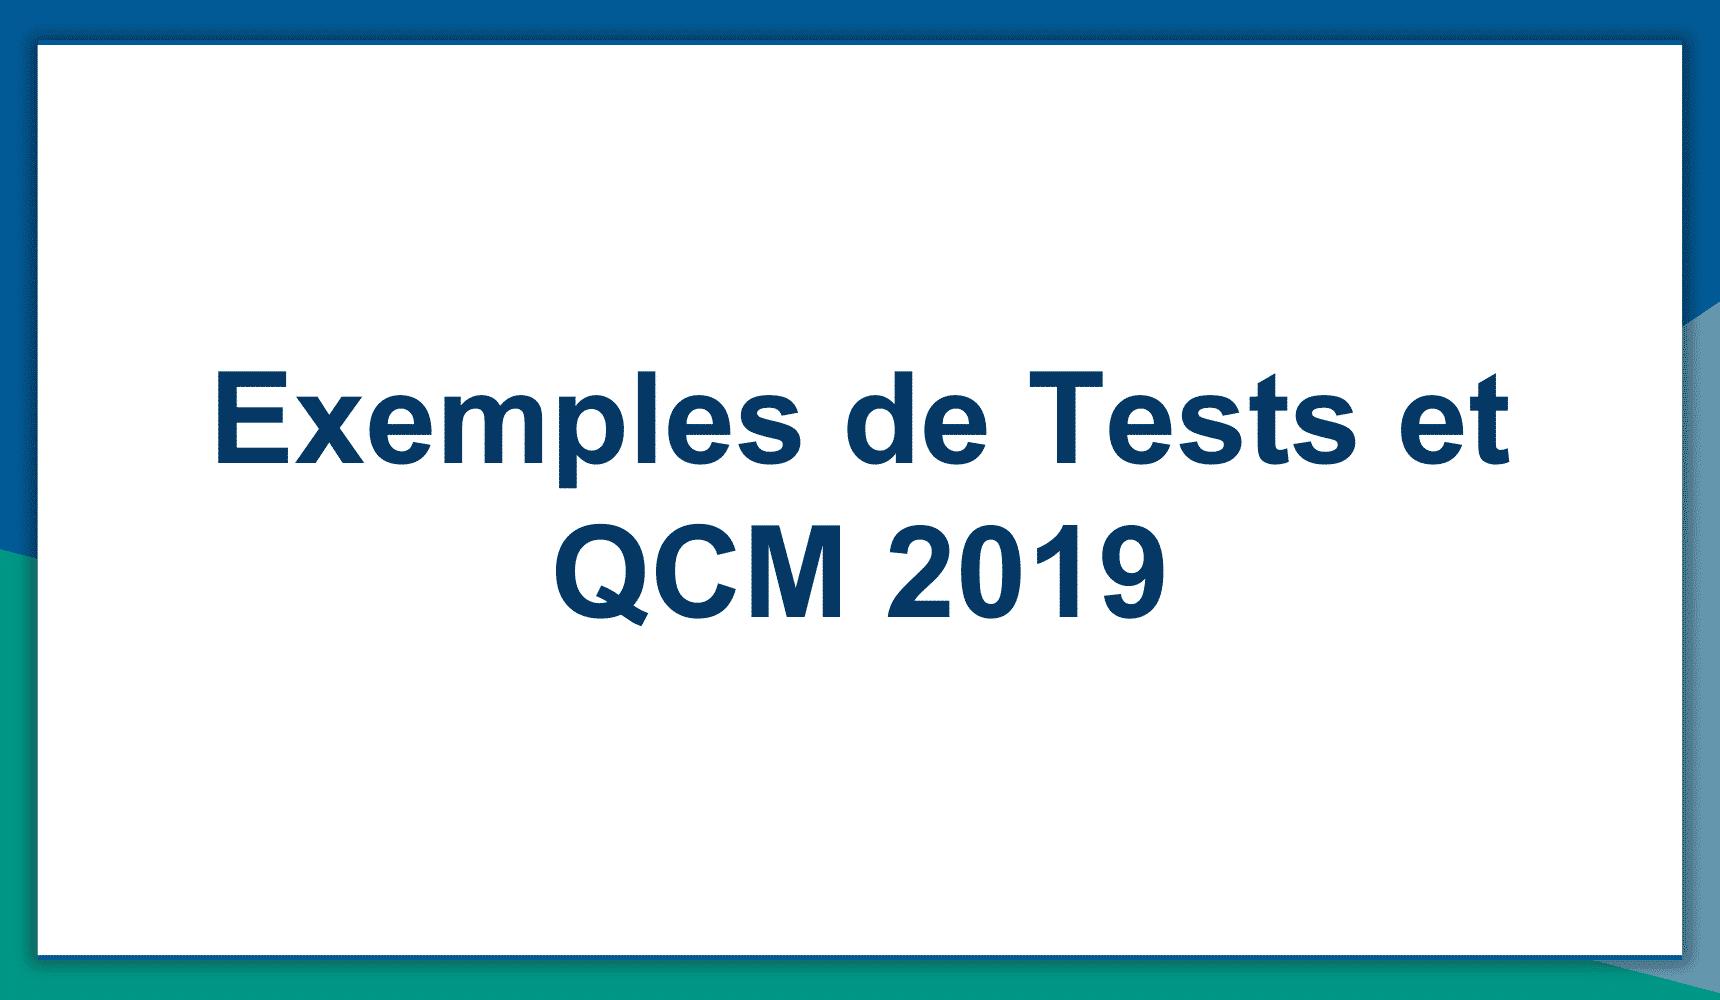 Exemples de Tests et QCM pour entretien 2019